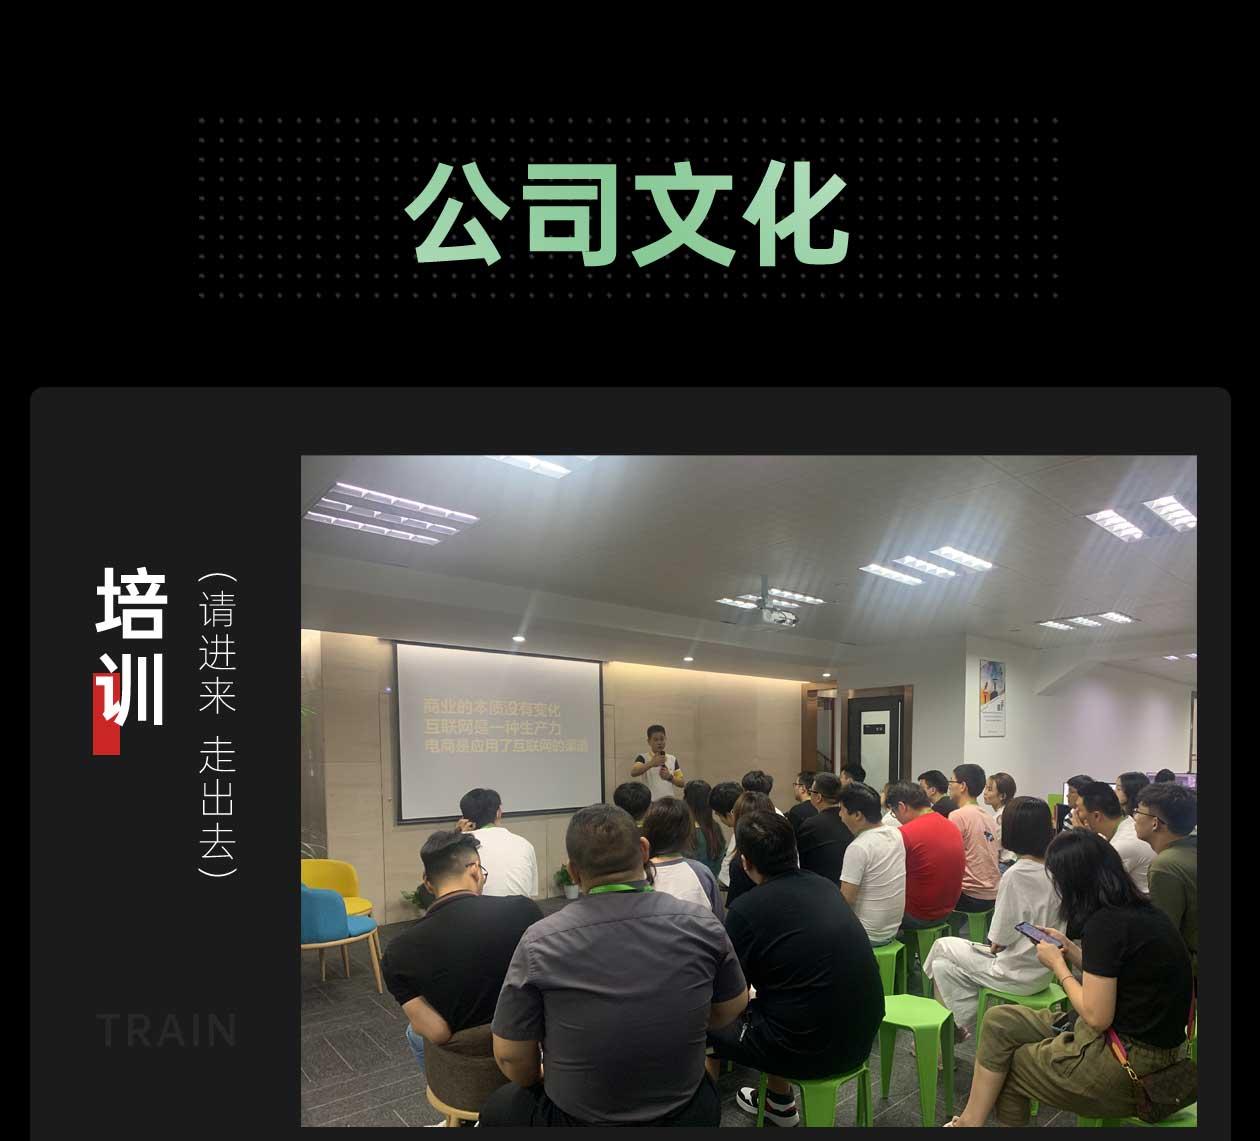 天猫代环球体育电竞app直播_09.jpg